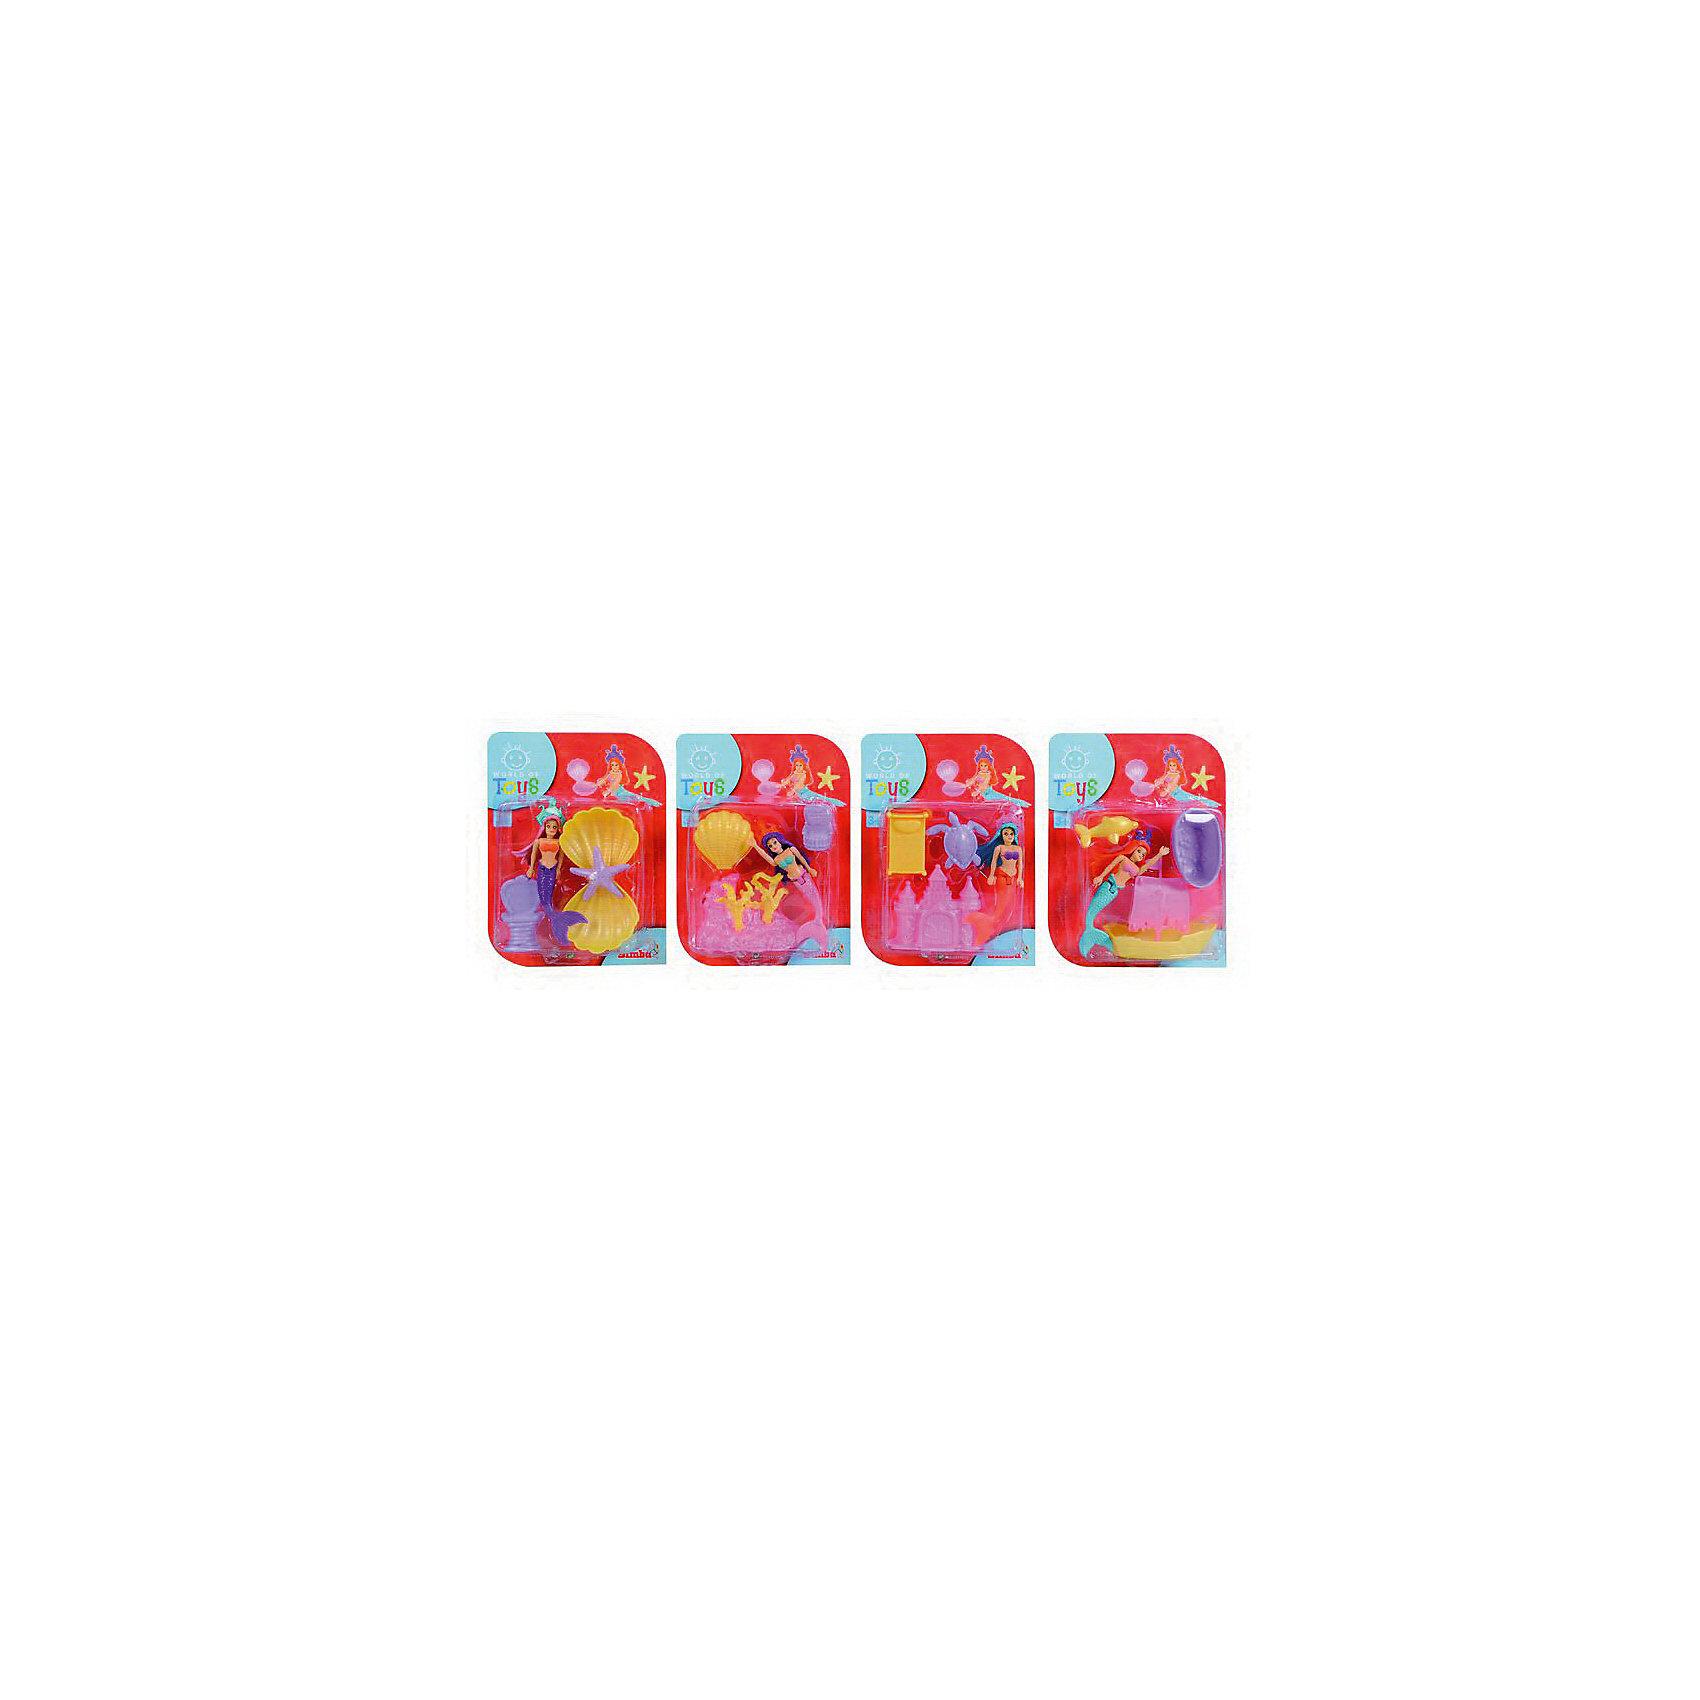 Набор Русалочка с аксессуарами, 12см, SimbaНабор Русалочка с аксессуарами, Simba (Симба), непременно понравится Вашей маленькой принцессе. Игрушка замечательно подойдет как для множества сюжетно-ролевых игр так и для веселого купания в ванной. В комплекте Вы найдете красивую фигурку Русалочки и различные аксессуары к ней. У Русалочки подвижные ручки, голова и хвост. Все предметы набора выполнены из прочной пластмассы, безопасной для детского здоровья. В ассортименте 4 вида русалочек отличающихся аксессуарами и цветом.<br><br>Дополнительная информация:<br><br>- Материал: пластик. <br>- Высота куклы: 12 см.<br>- Размер упаковки: 14,5 х 3,4 х 19,5 см.<br>- Вес: 77 гр. <br><br>ВНИМАНИЕ! Данный артикул имеется в наличии в разных вариантах исполнения. Заранее выбрать определенный вариант нельзя. При заказе нескольких наборов возможно получение одинаковых.<br><br>Набор Русалочка с аксессуарами, Simba (Симба), можно купить в нашем интернет-магазине.<br><br>Ширина мм: 150<br>Глубина мм: 200<br>Высота мм: 40<br>Вес г: 77<br>Возраст от месяцев: 36<br>Возраст до месяцев: 72<br>Пол: Унисекс<br>Возраст: Детский<br>SKU: 4231579